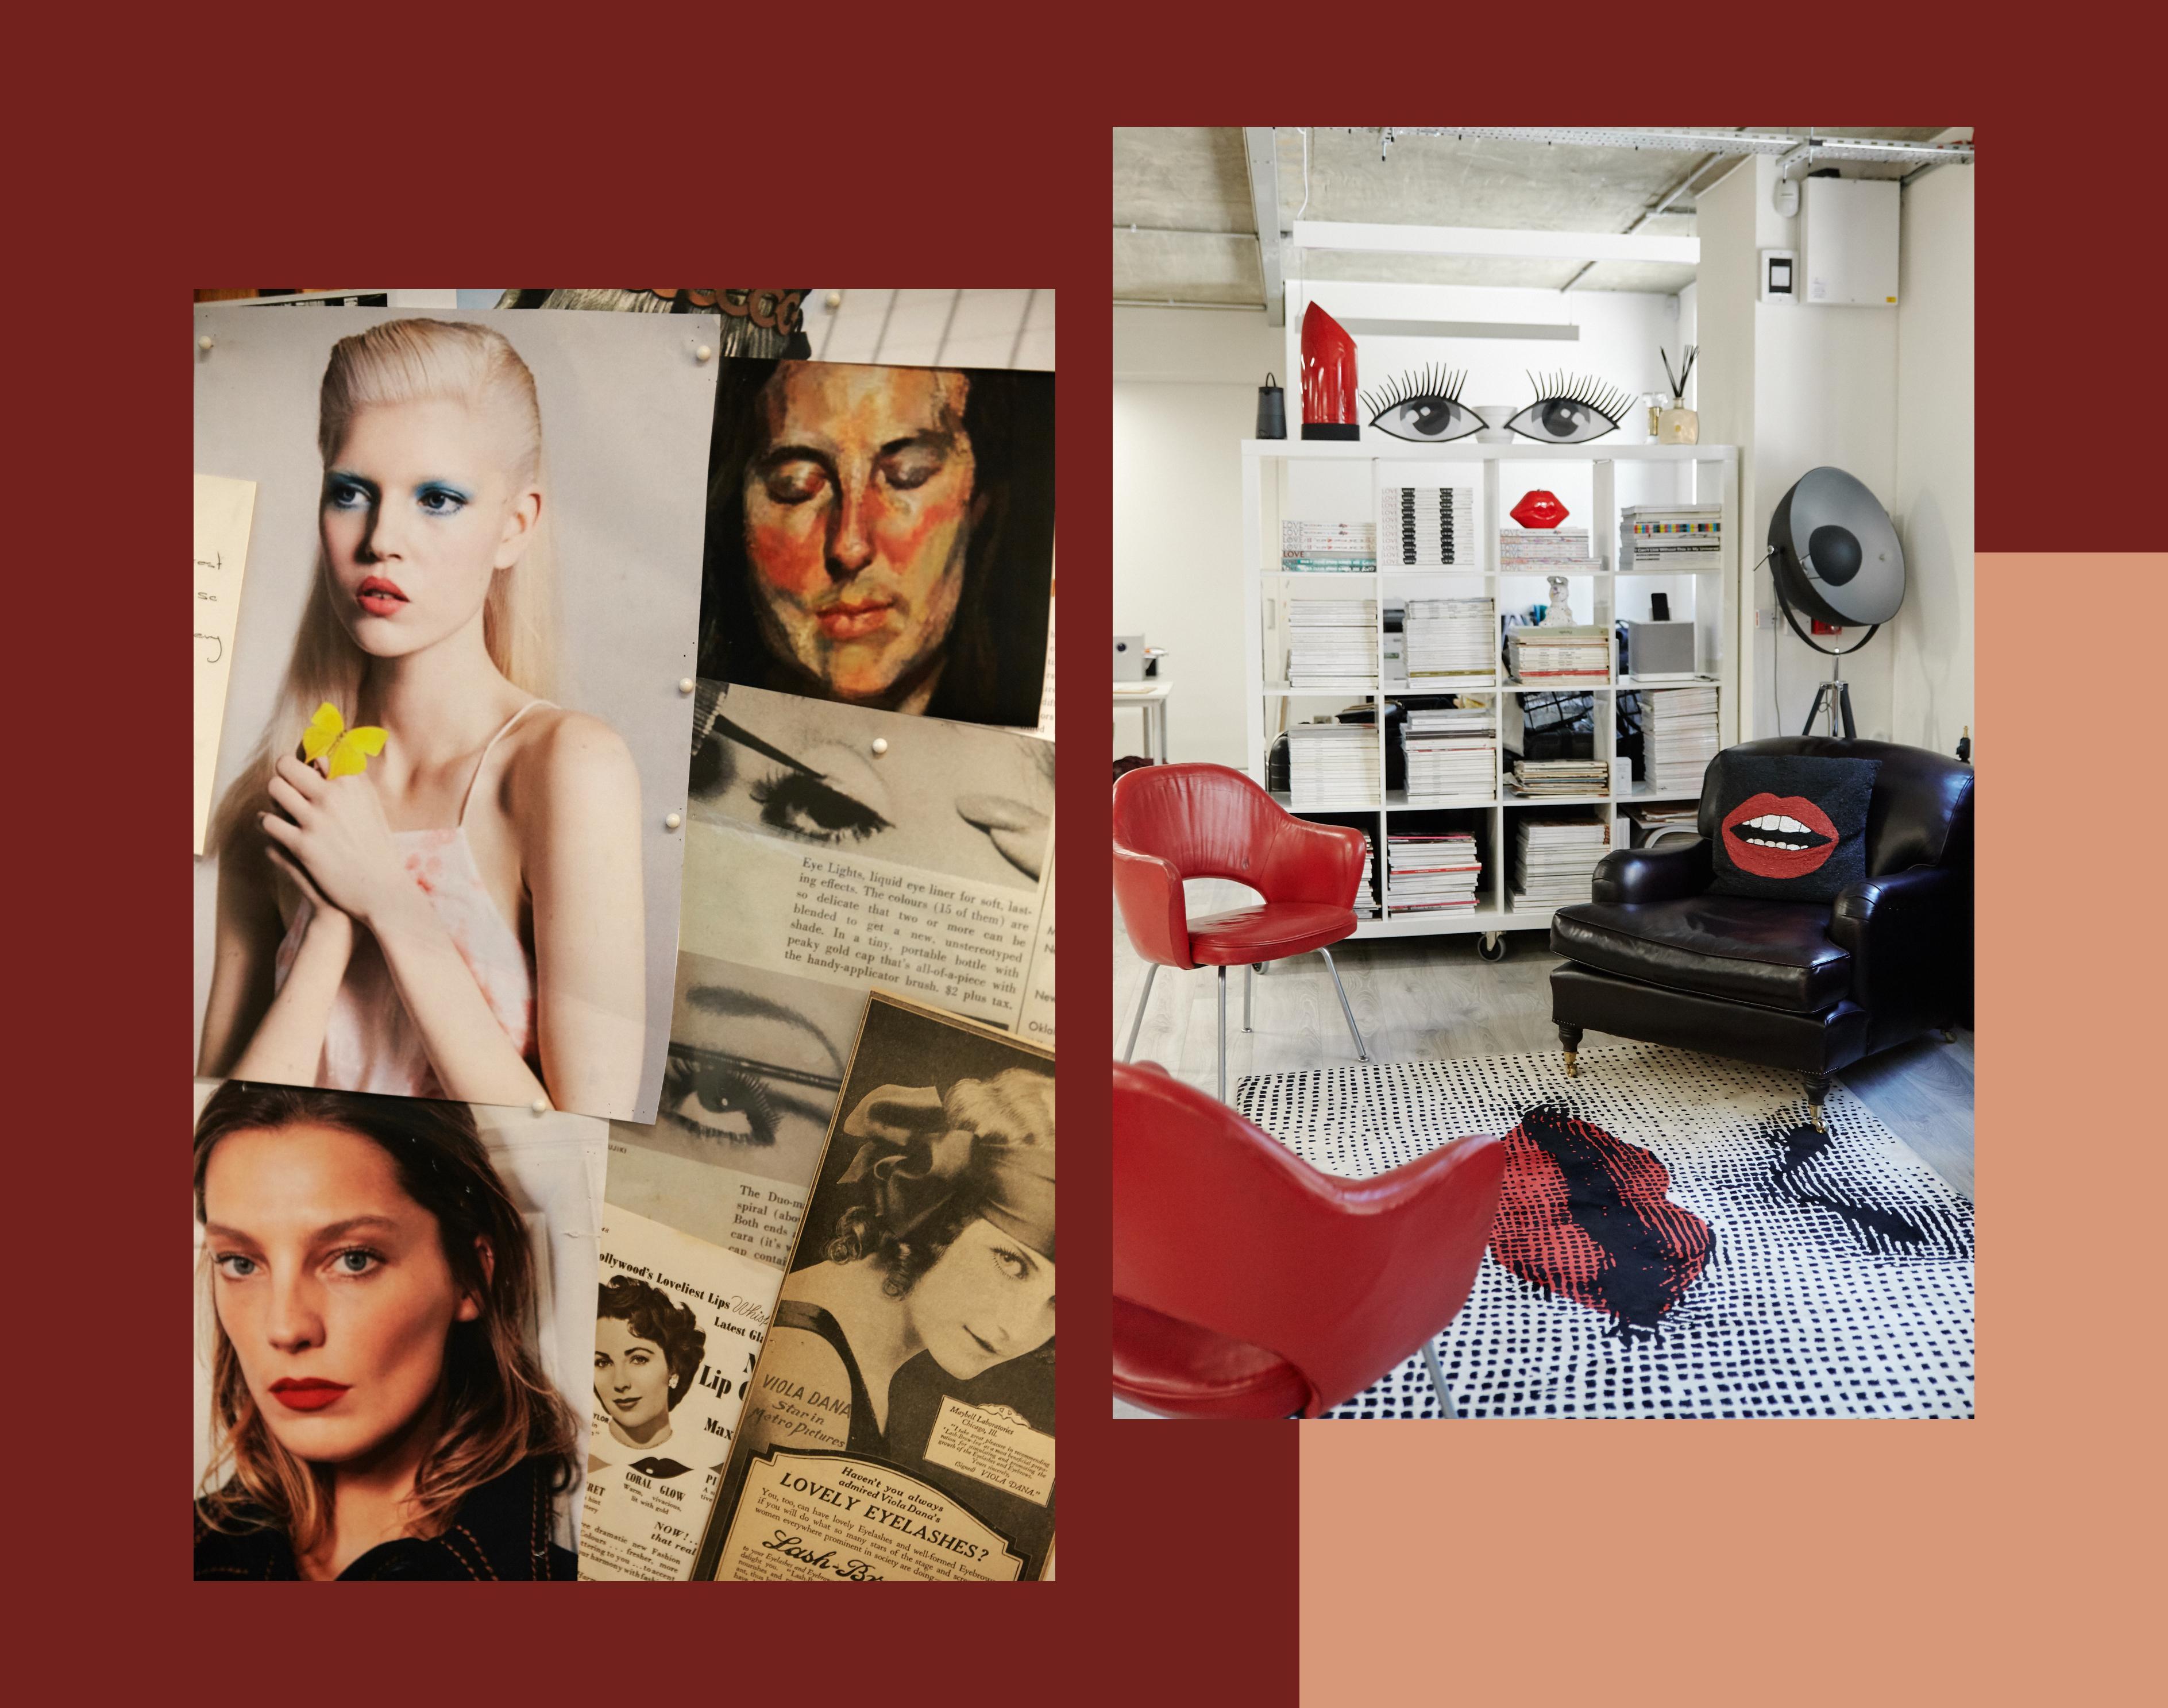 Lisa Eldridge: Gesichter malen, mit Ölfarbe wie mit Make-up. Rechts ein Blick in das neue Studio von Lisa Eldridge.